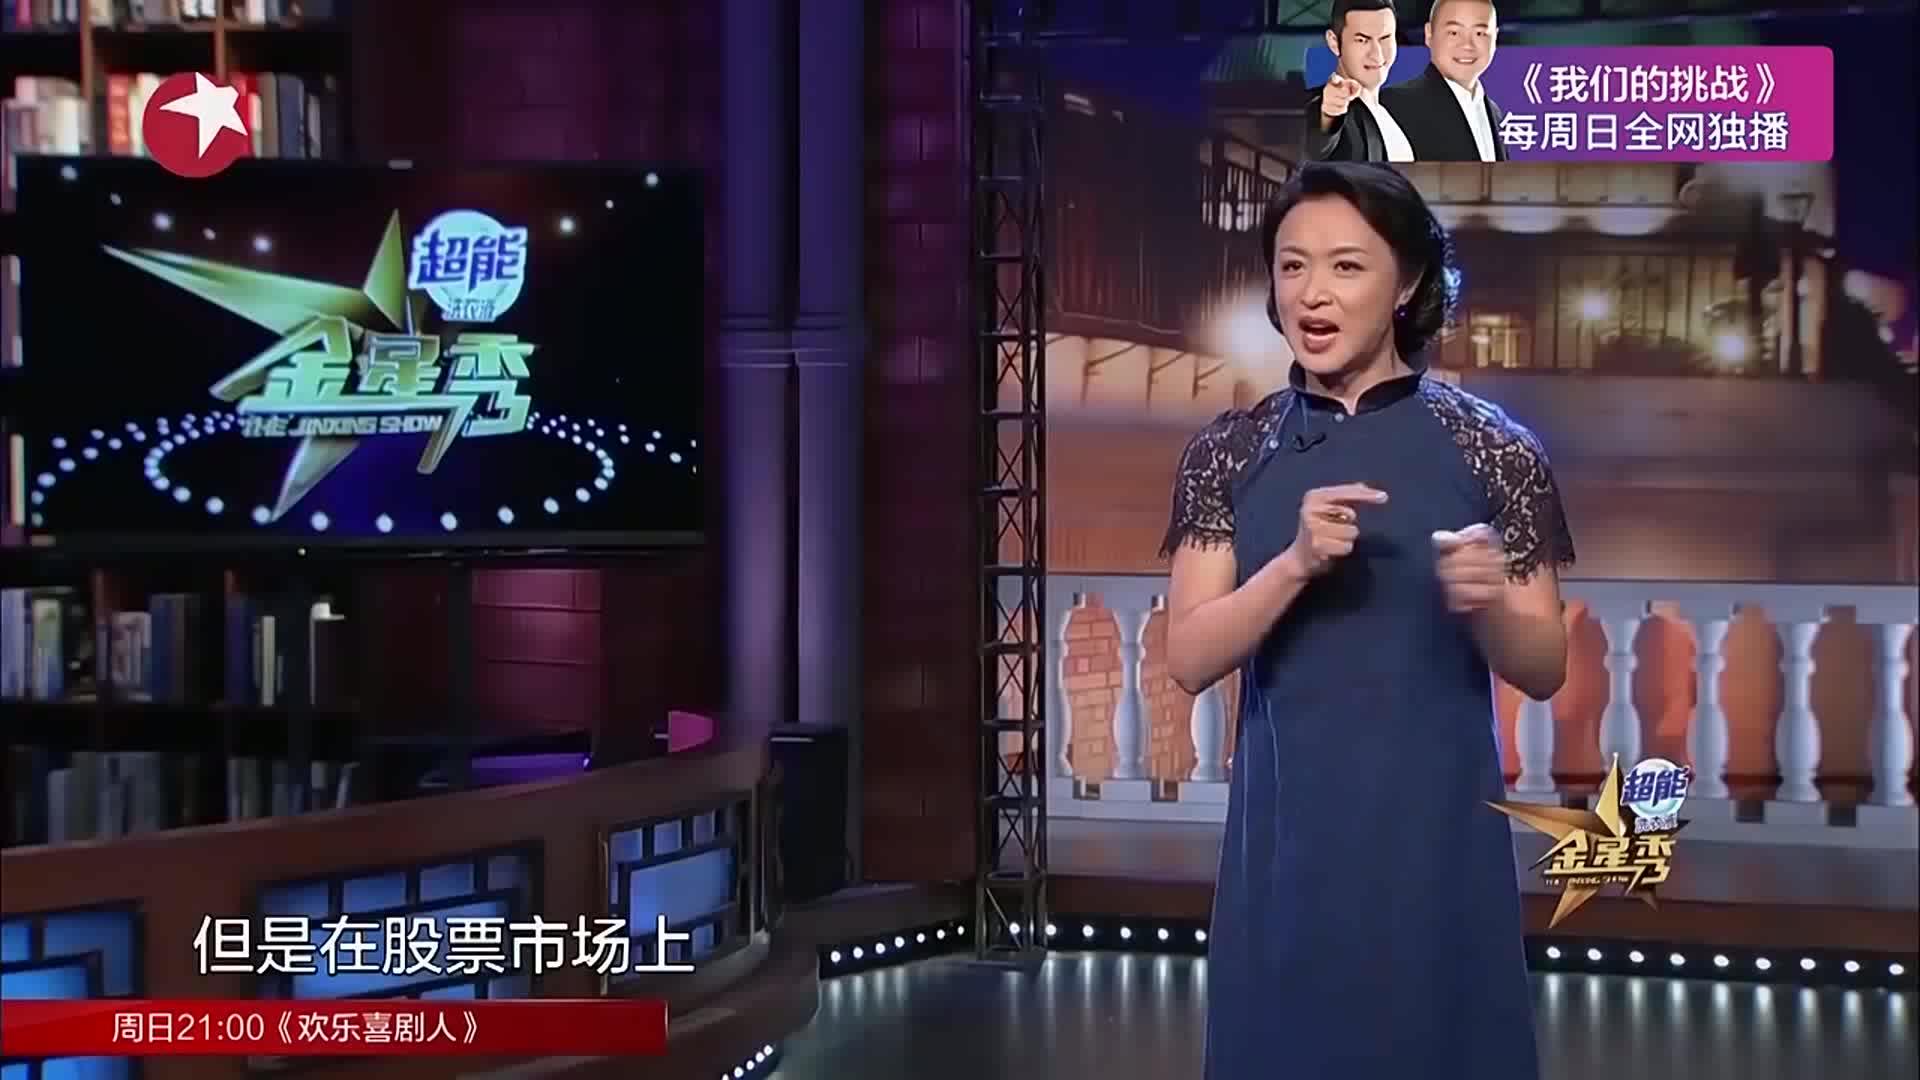 金星秀:制片方为啥要给自己买票房,左兜揣到右兜吗,金星揭秘!